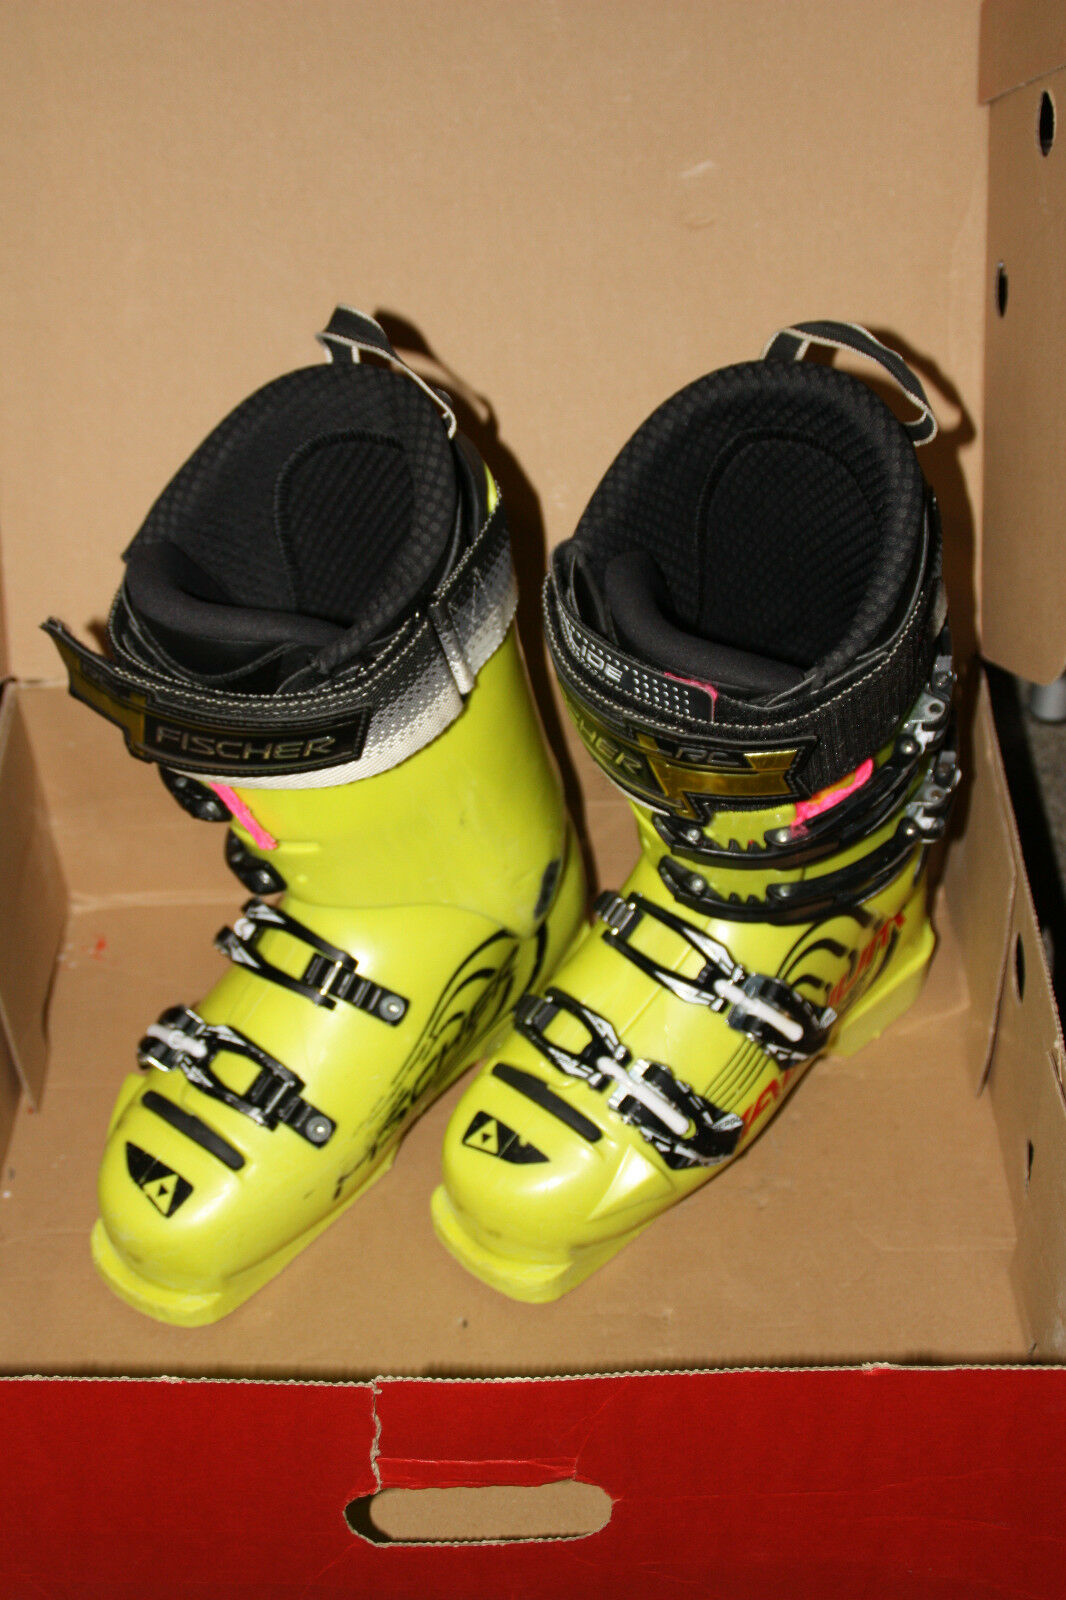 Fischer Rennski Skischuhe RC4 130 Pro 24 24,5 ca. 37 37,5 yellow mit Gurt